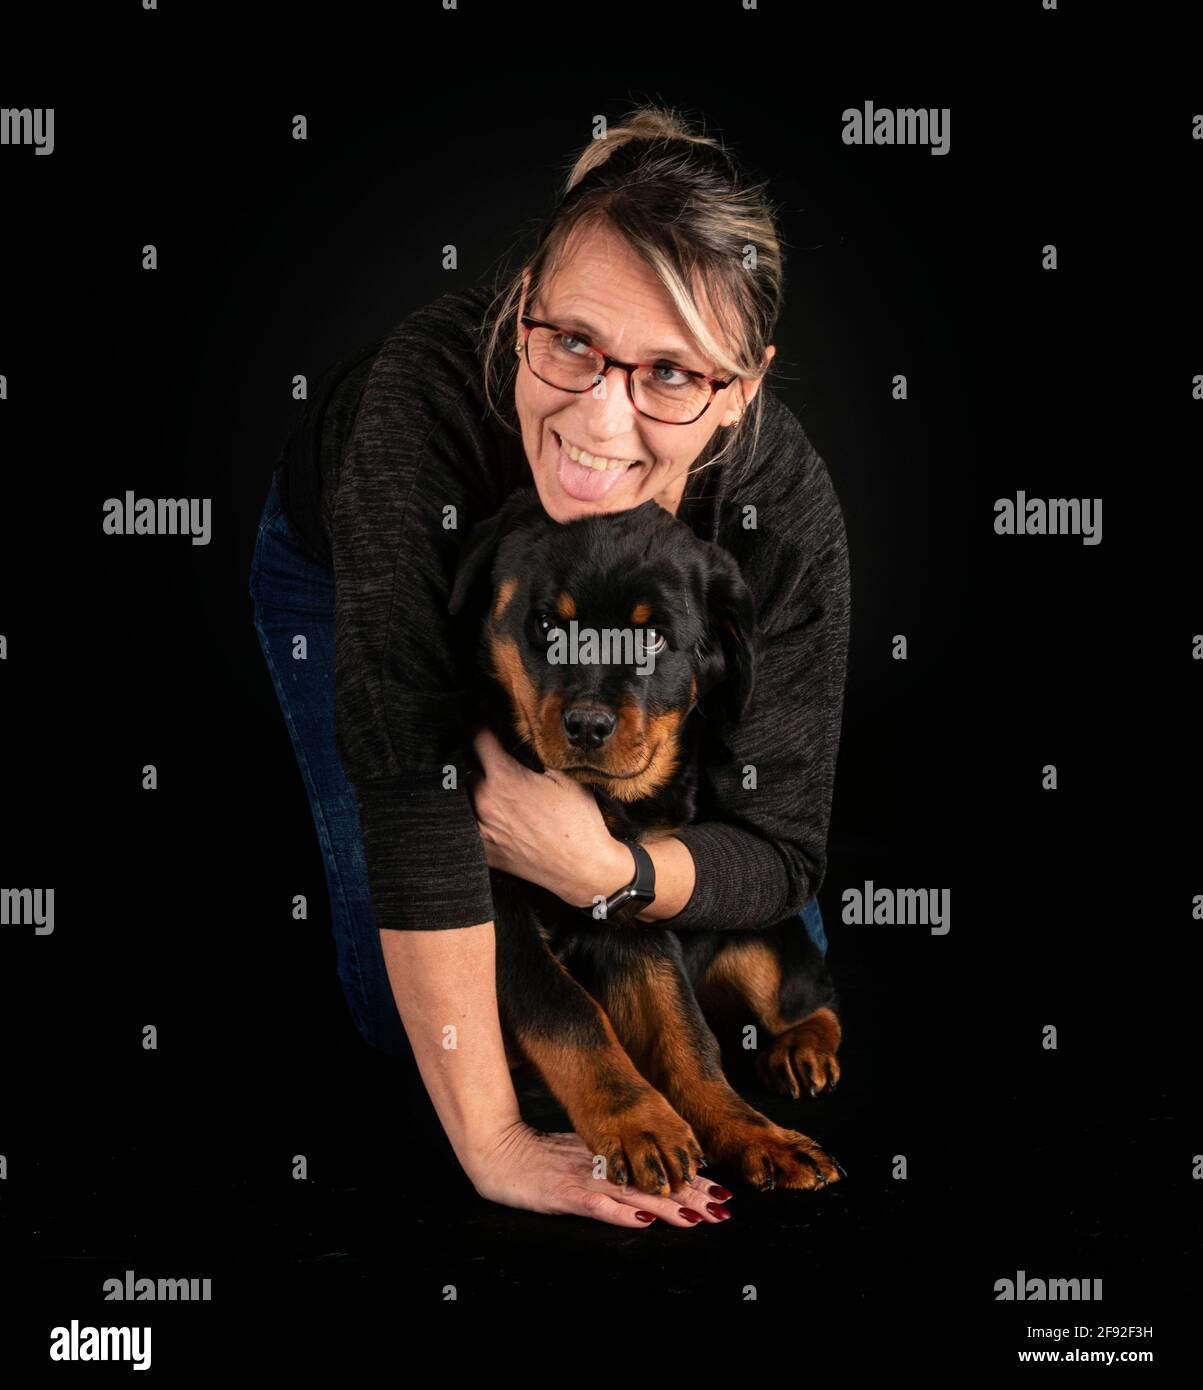 purebred rottweiler y mujer delante de fondo negro Foto de stock